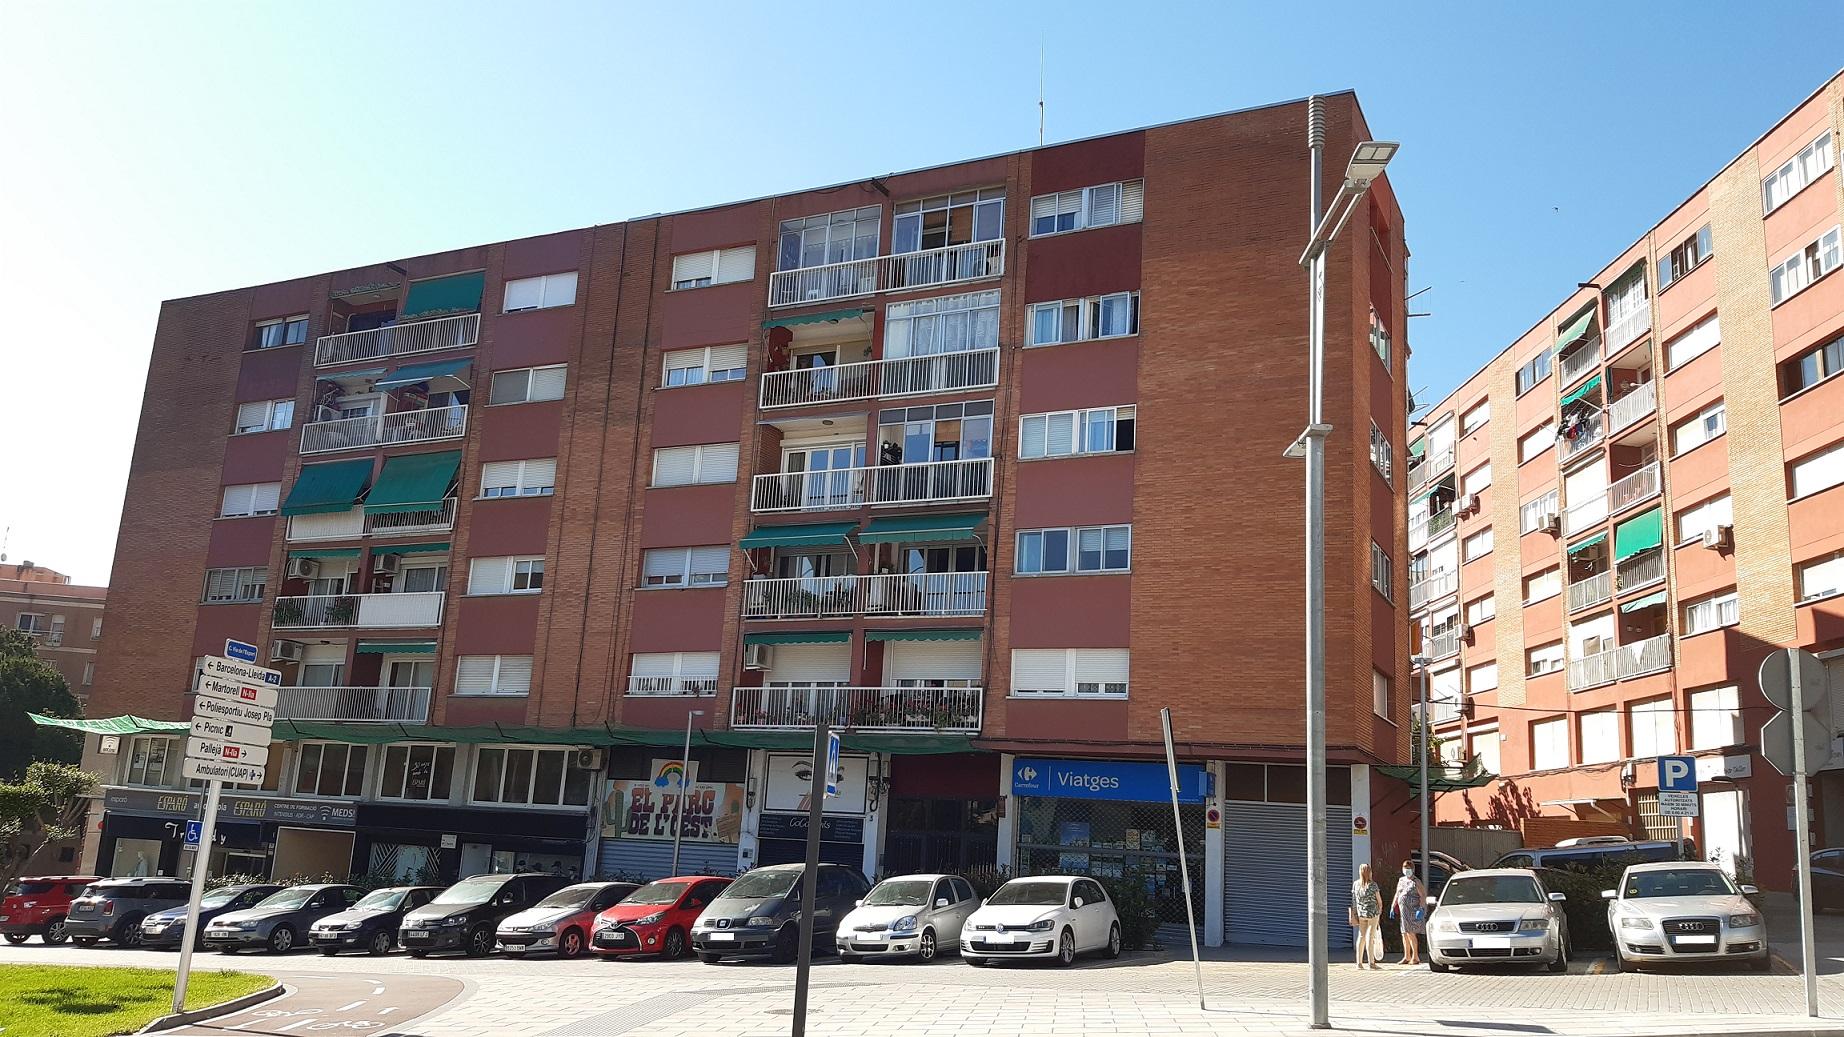 L'Ajuntament de Sant Andreu de la Barca incorporarà 11 habitatges al seu parc social